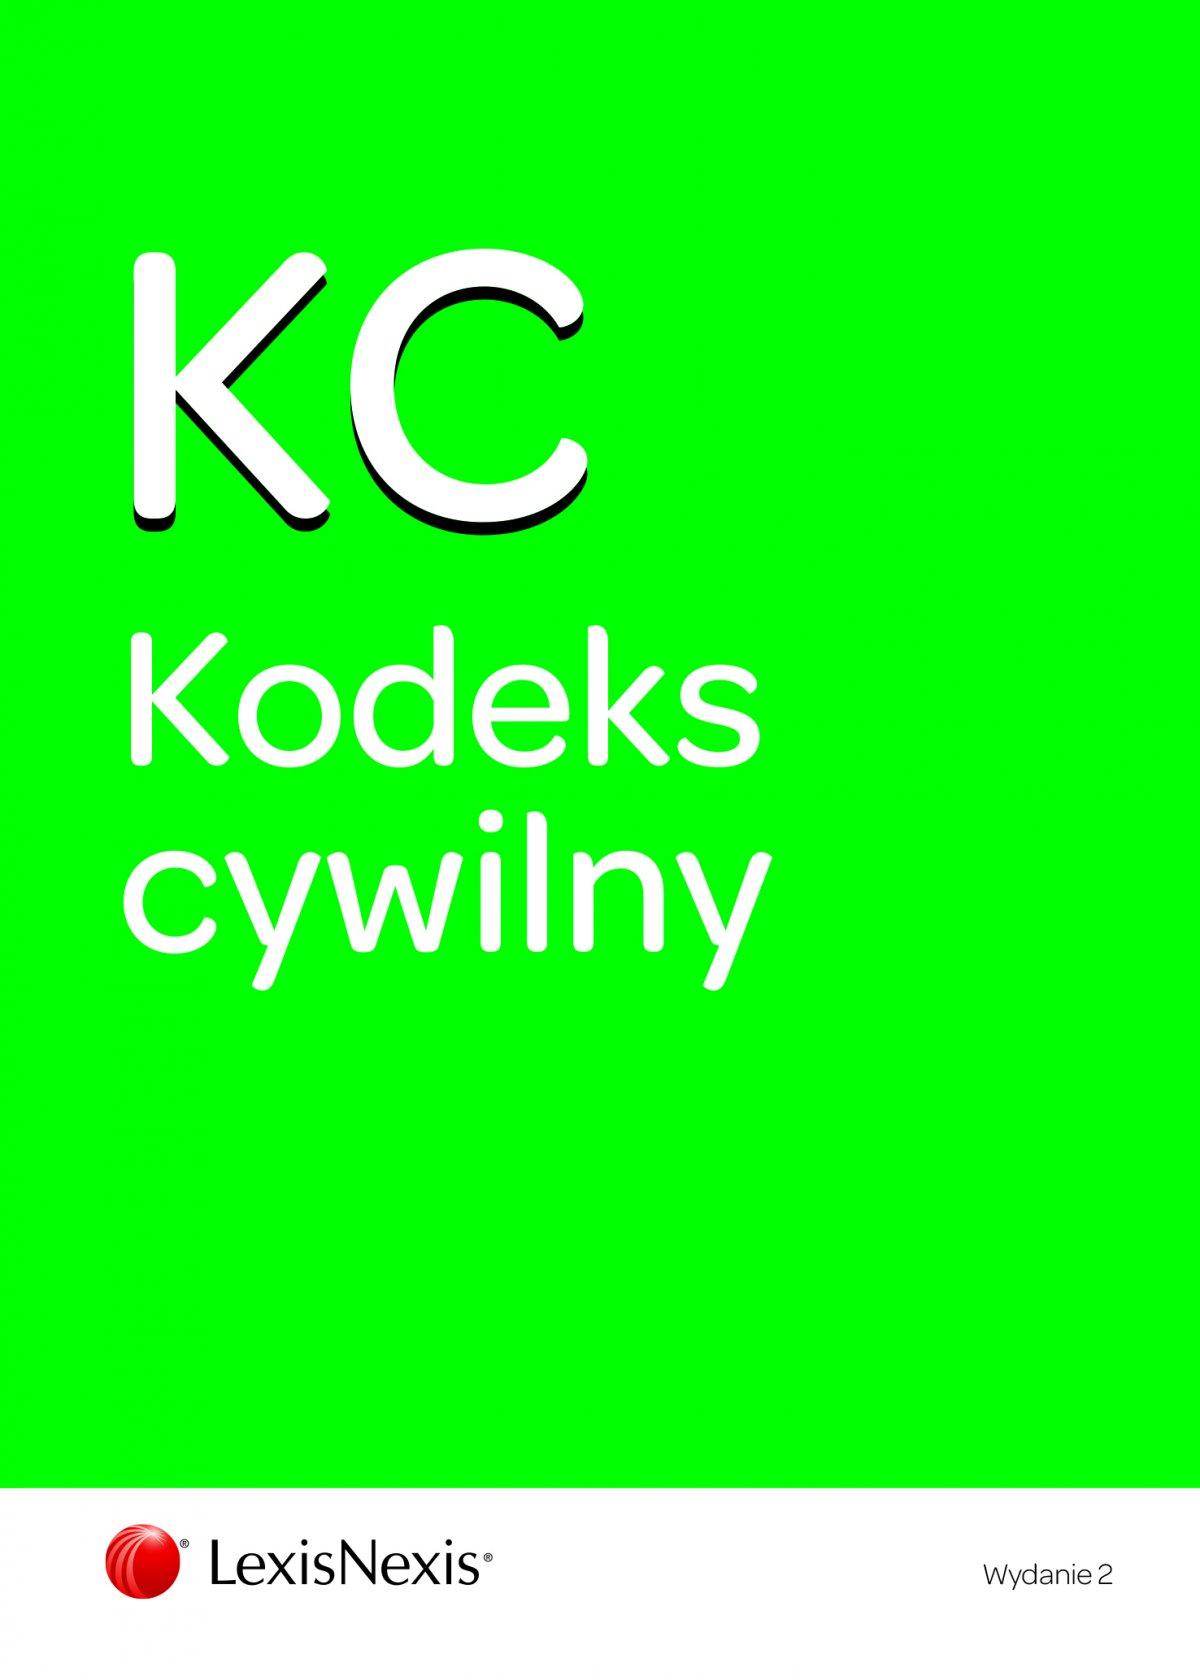 Kodeks cywilny. Wydanie 2 - Ebook (Książka EPUB) do pobrania w formacie EPUB